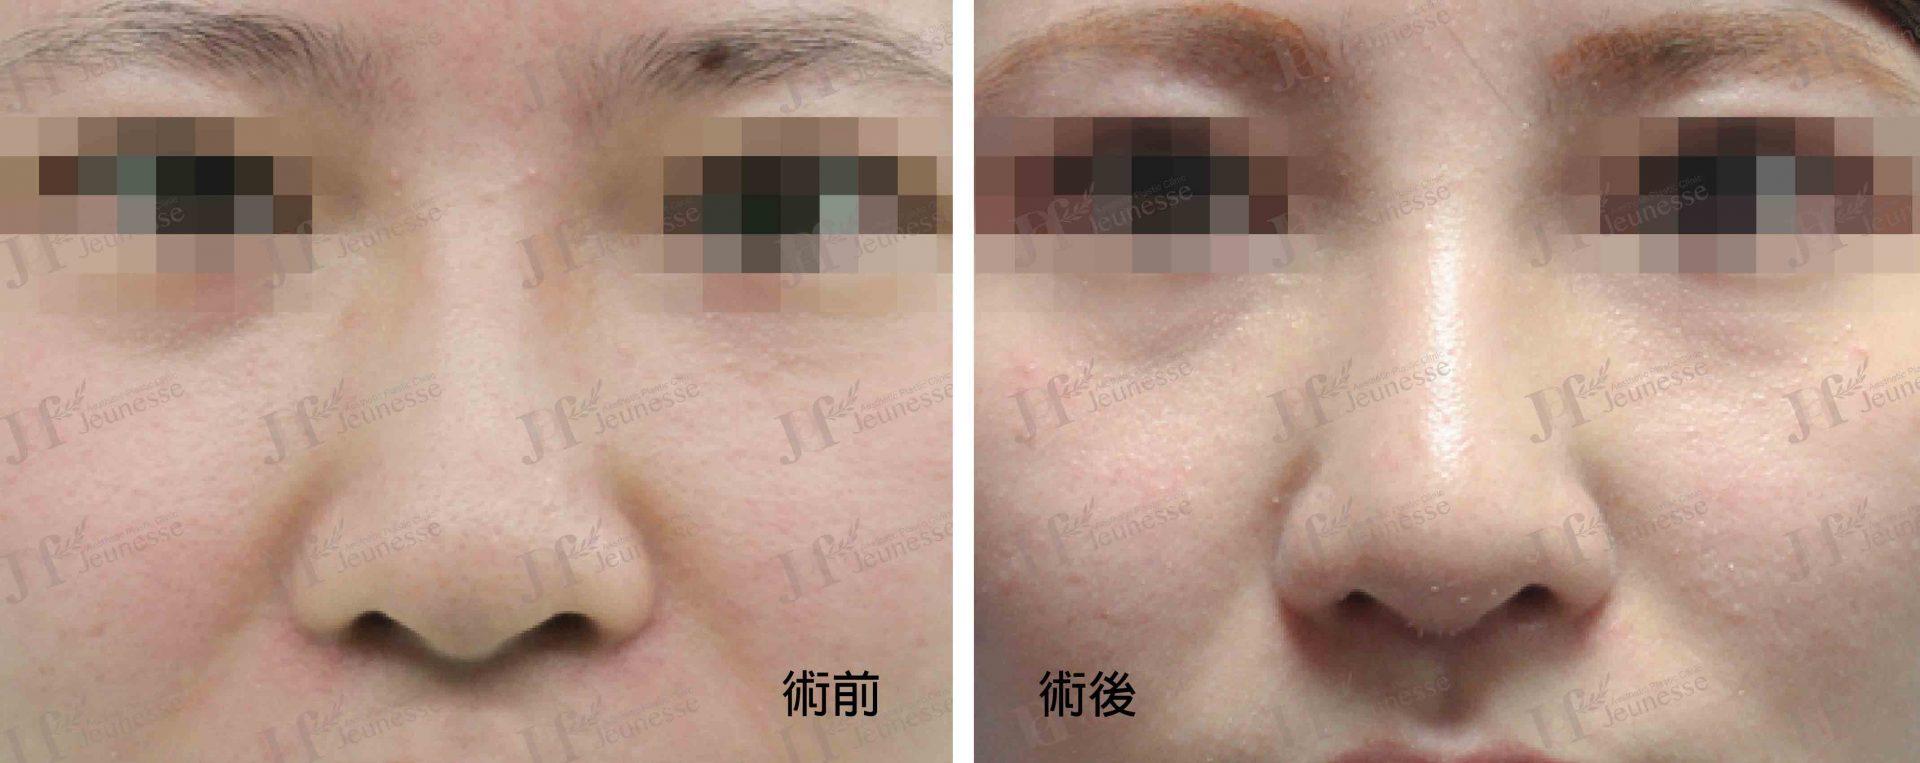 隆鼻 case2 正面-浮水印